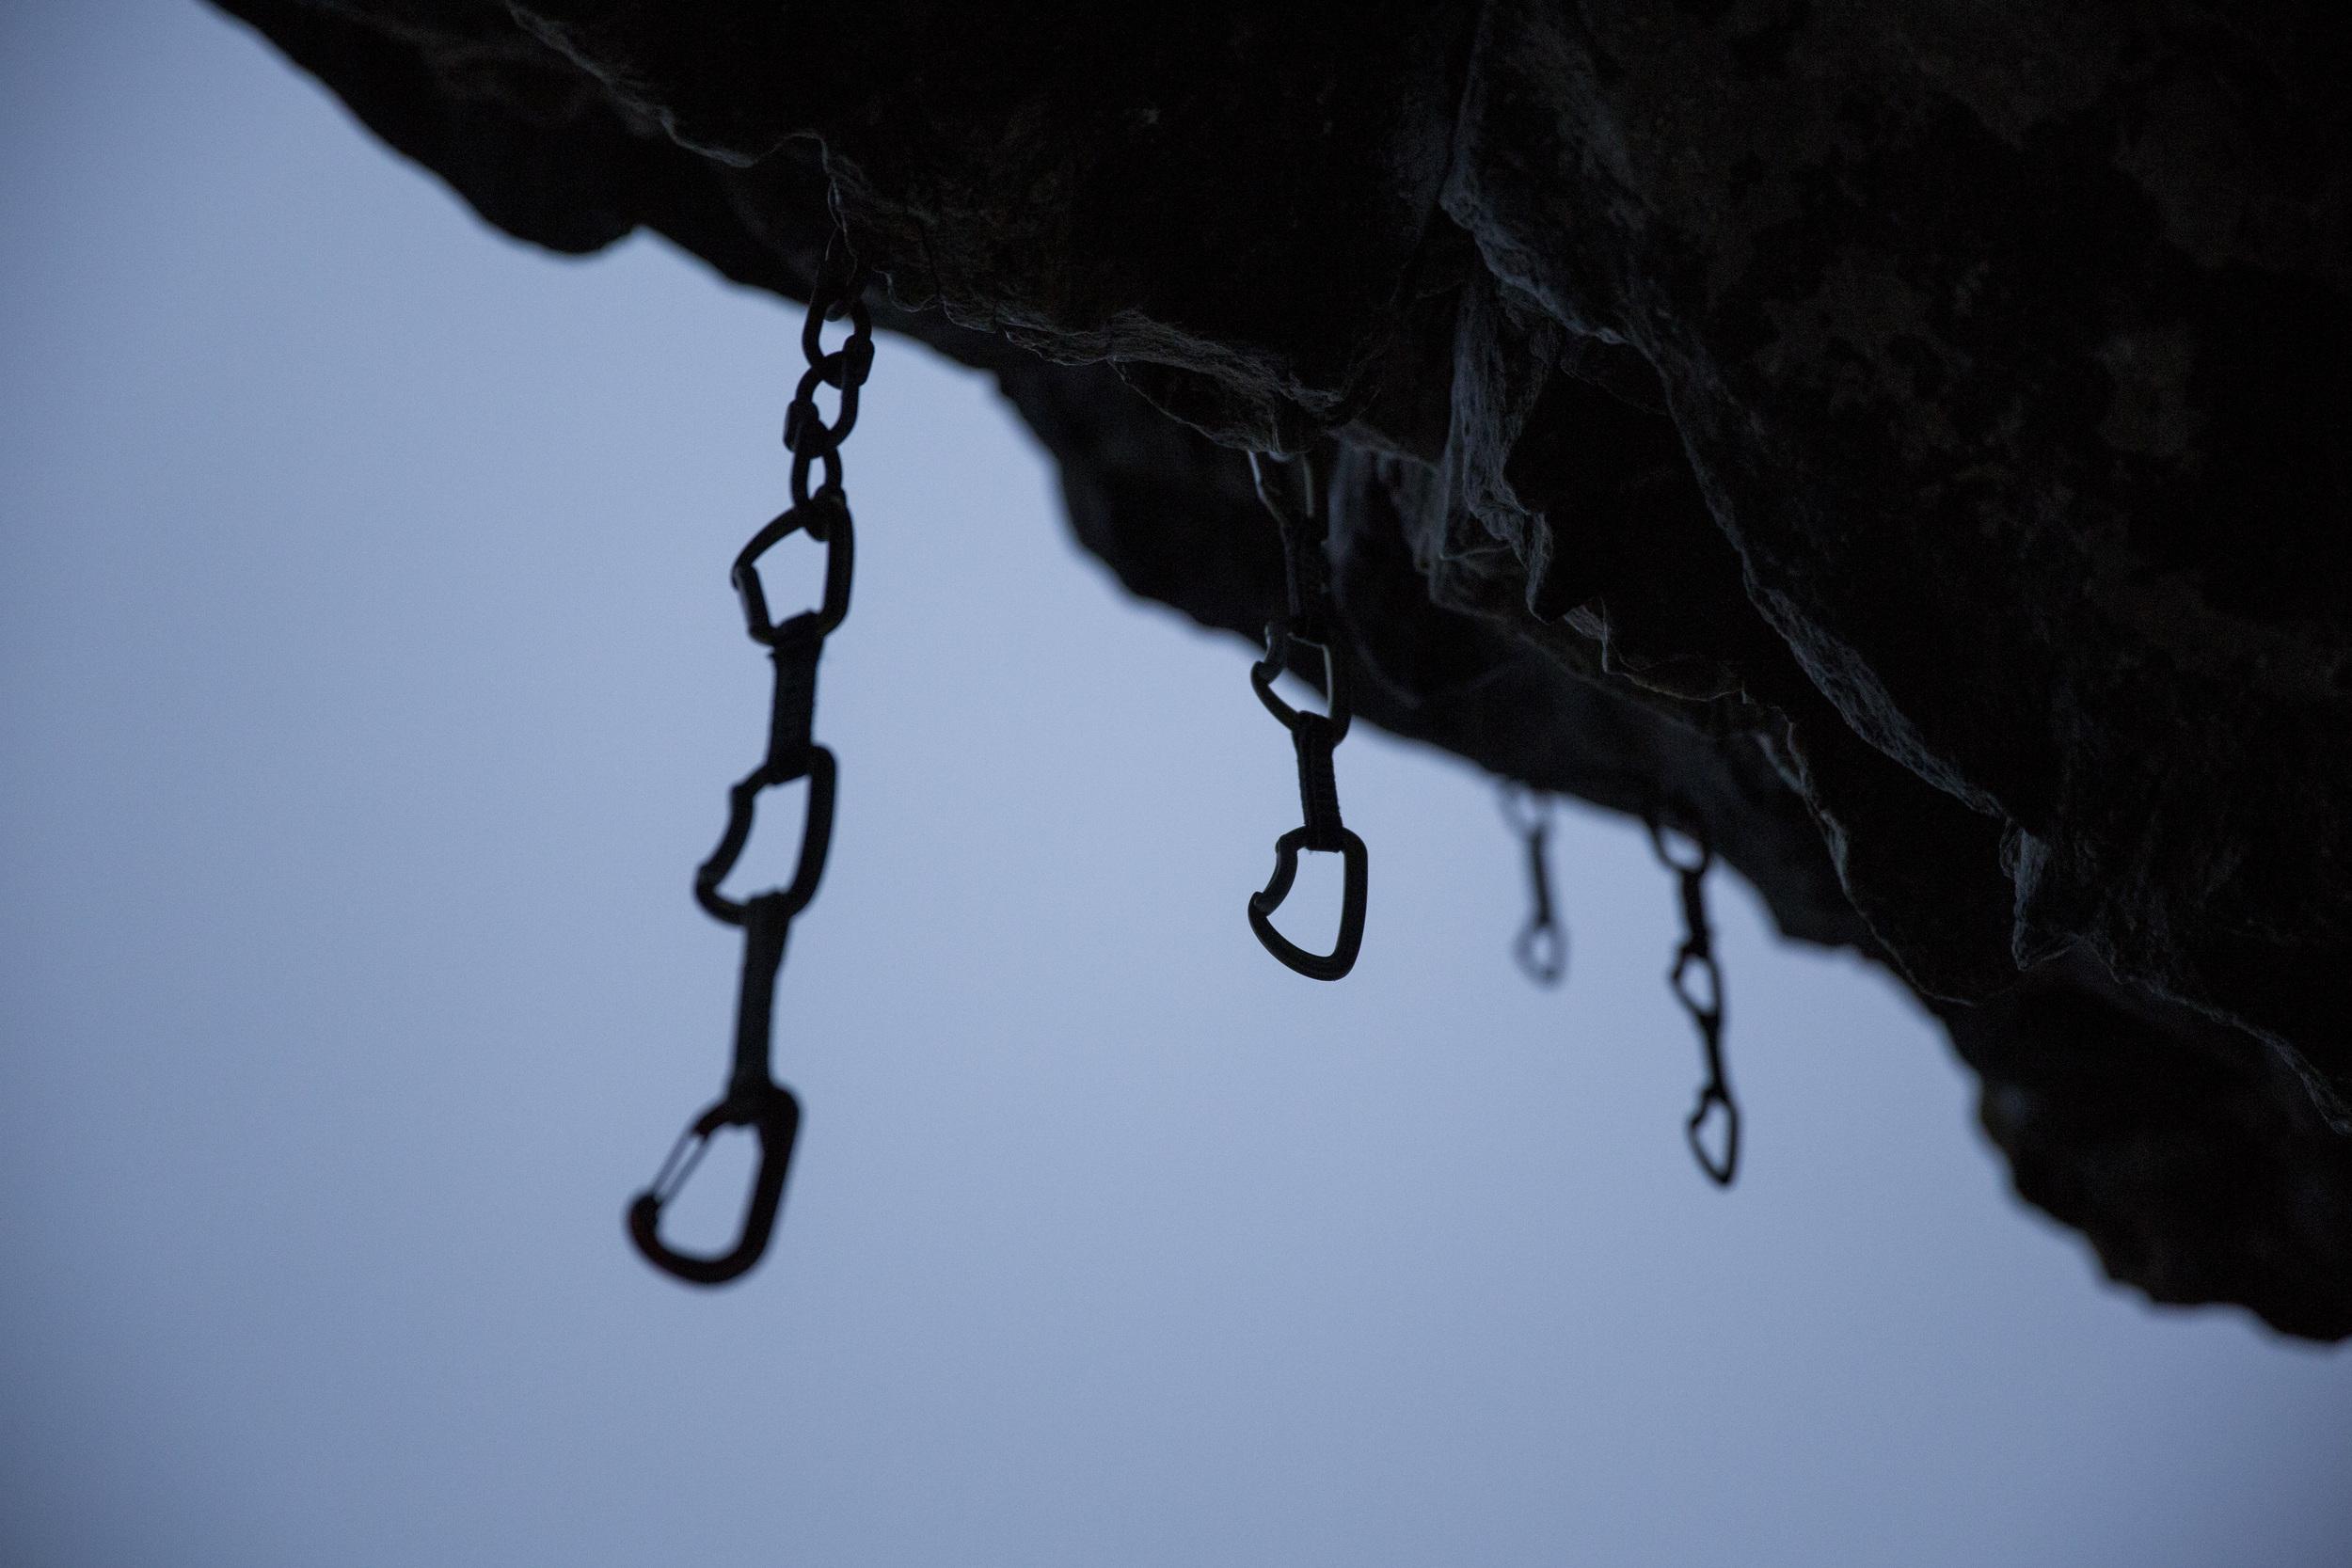 klatring_3.jpg